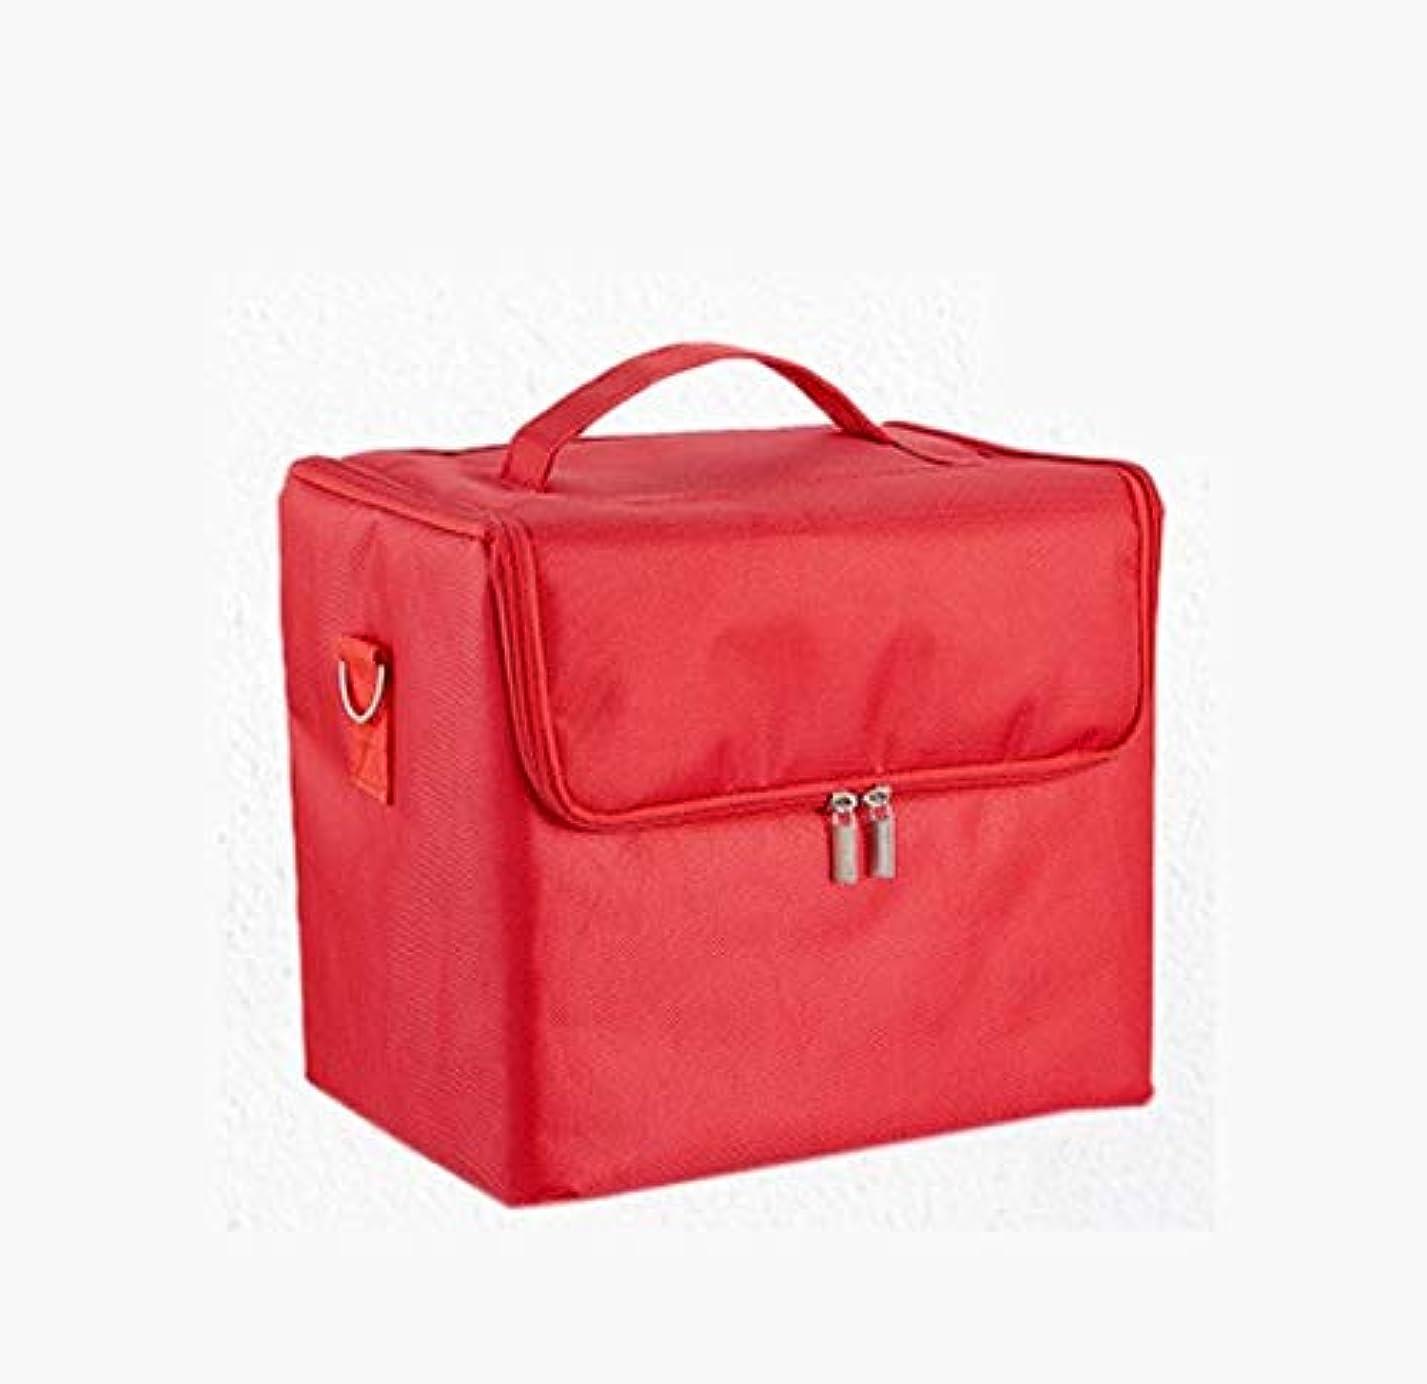 光沢狐最大化する化粧箱、大容量多機能防水化粧品ケース、携帯用旅行化粧品袋収納袋、美容化粧ネイルジュエリー収納箱 (Color : Red)